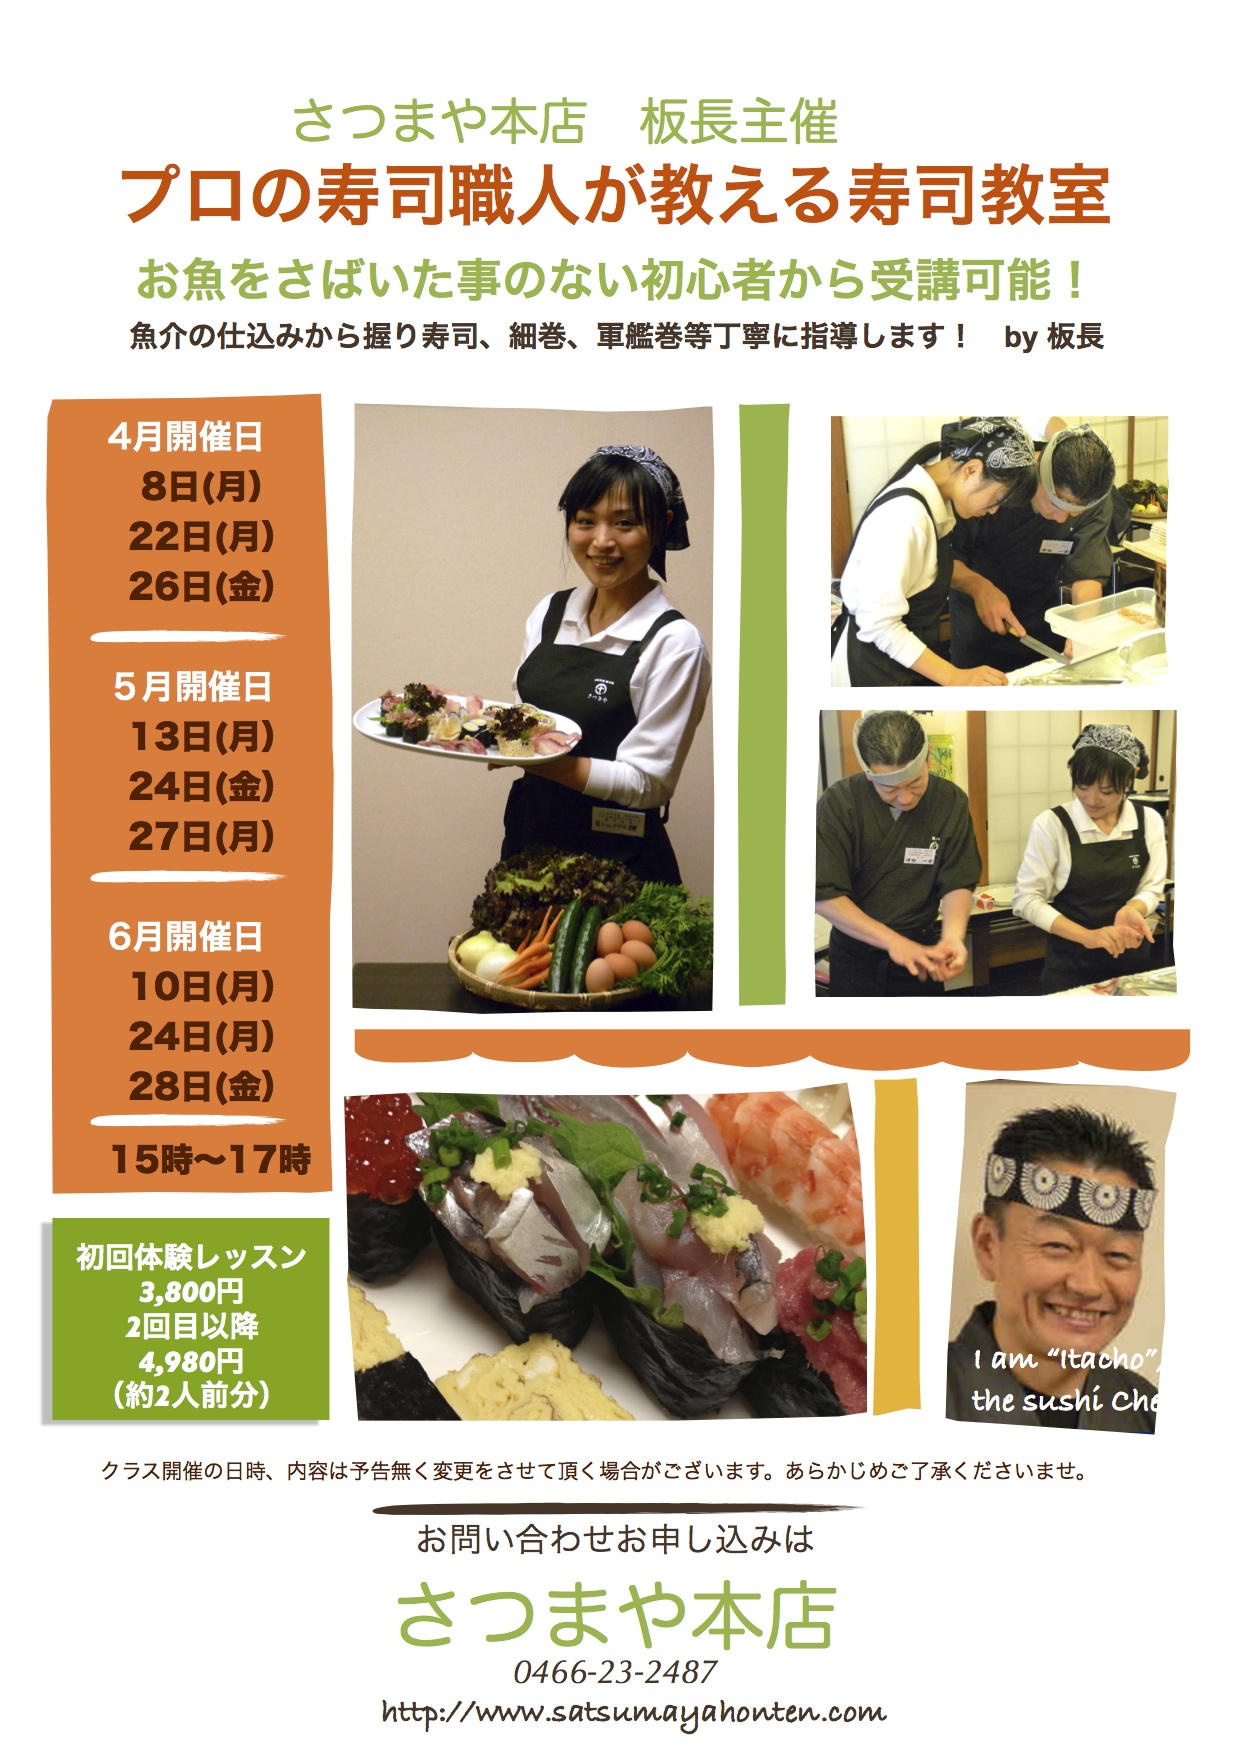 2013年456月通常寿司教室